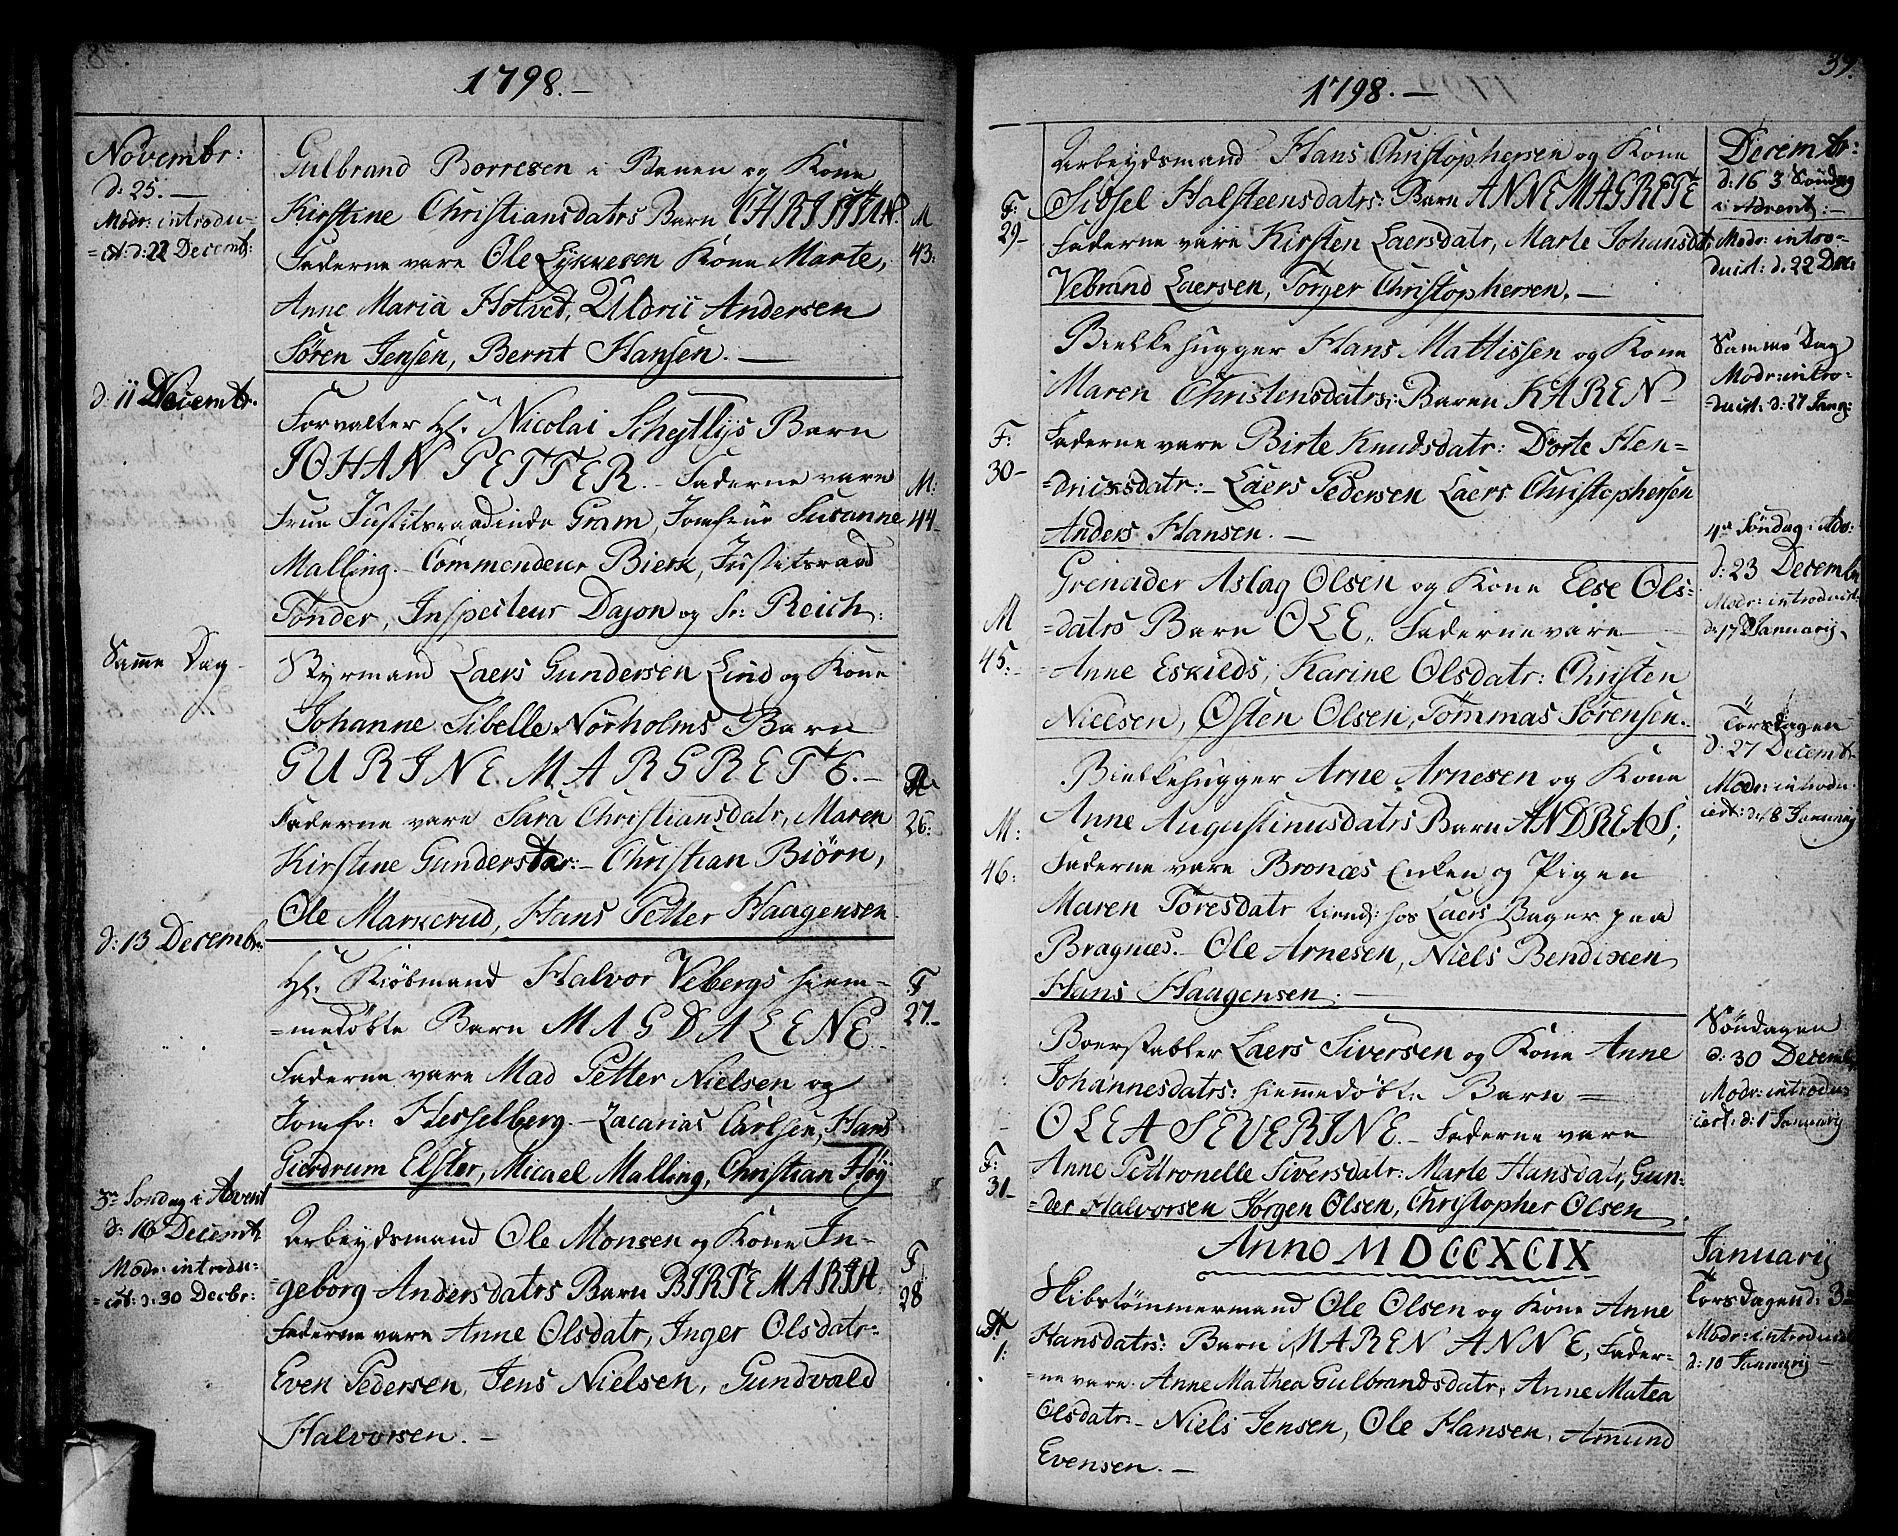 SAKO, Strømsø kirkebøker, F/Fa/L0010: Ministerialbok nr. I 10, 1792-1822, s. 39